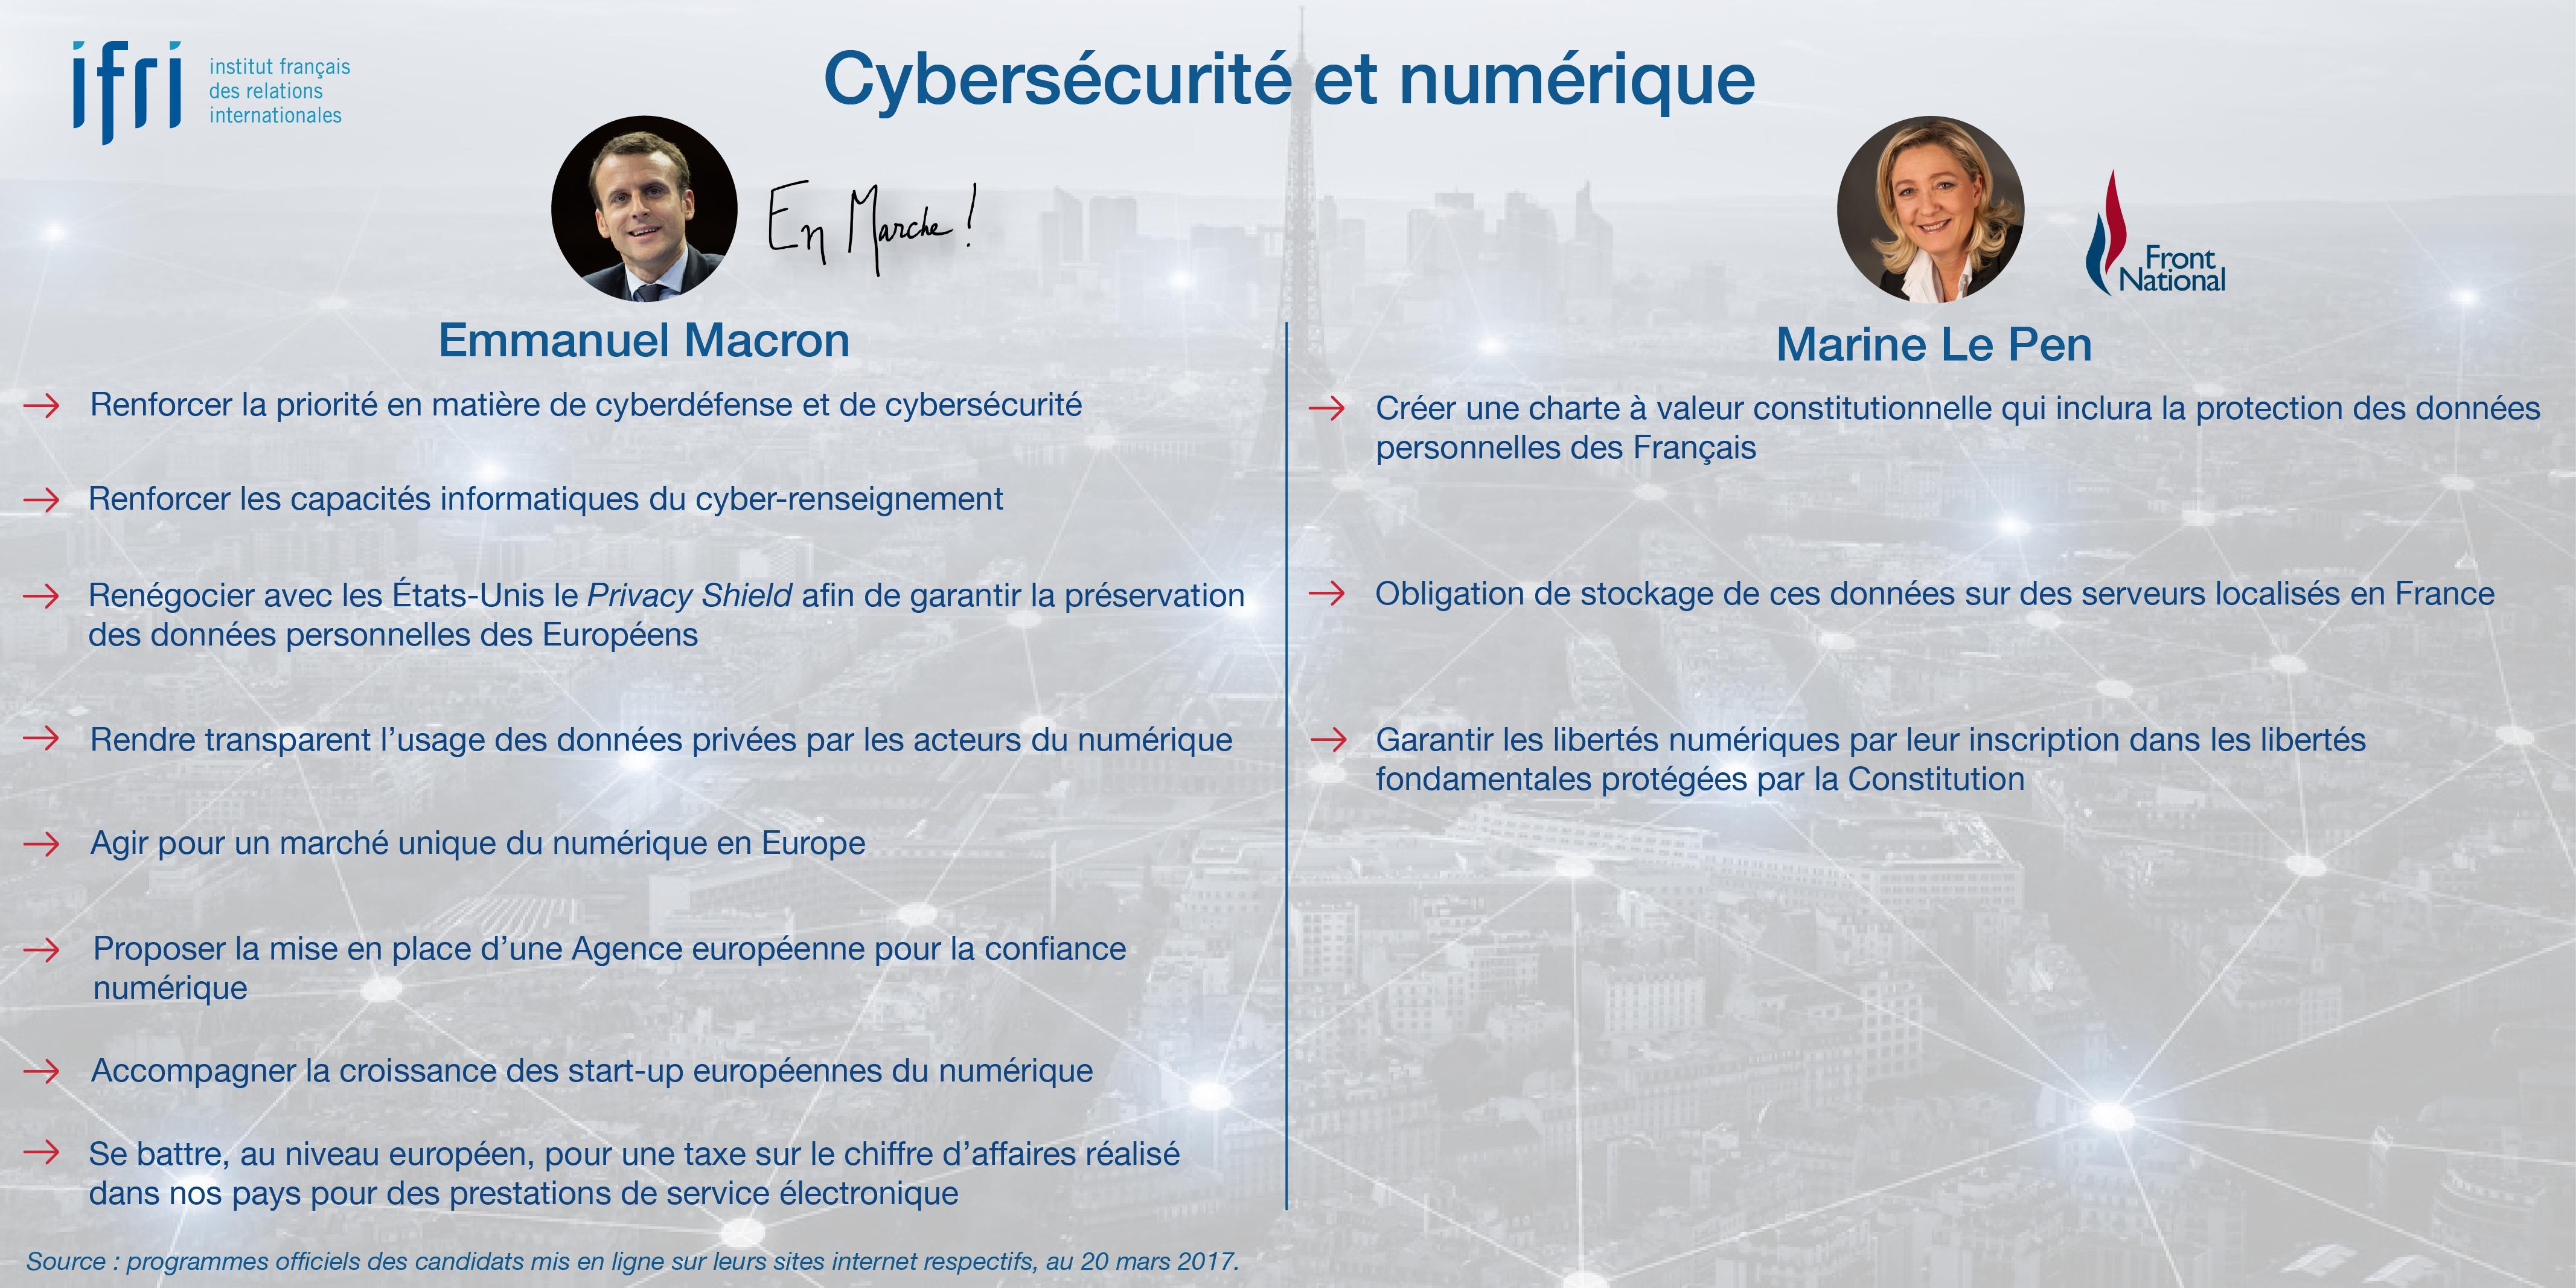 Cybersécurité et numérique - Macron - Le Pen - Présidentielle 2017